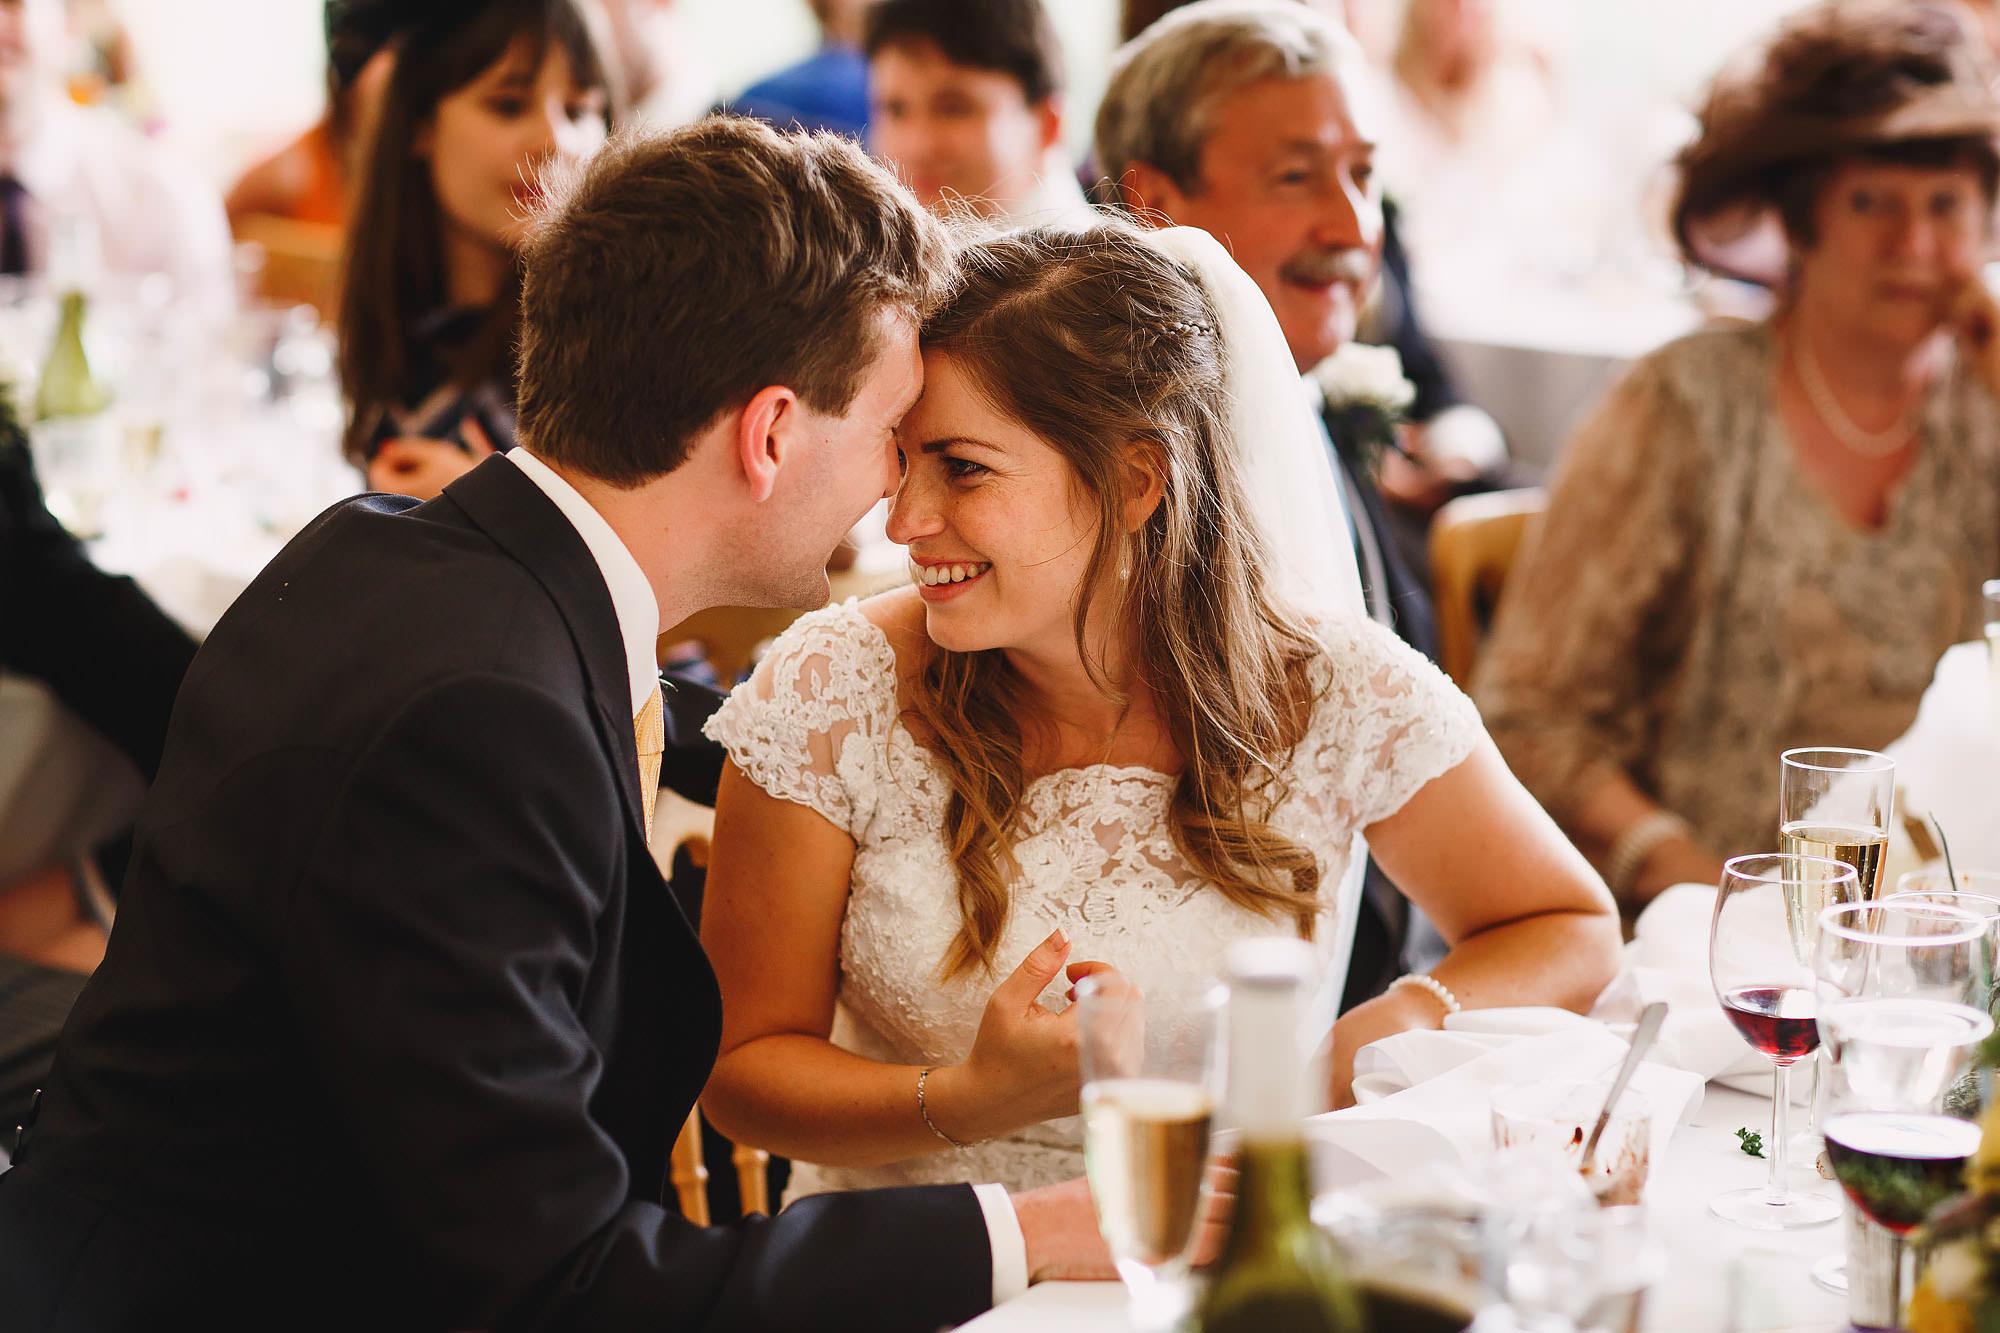 Exton Park Wedding Photography